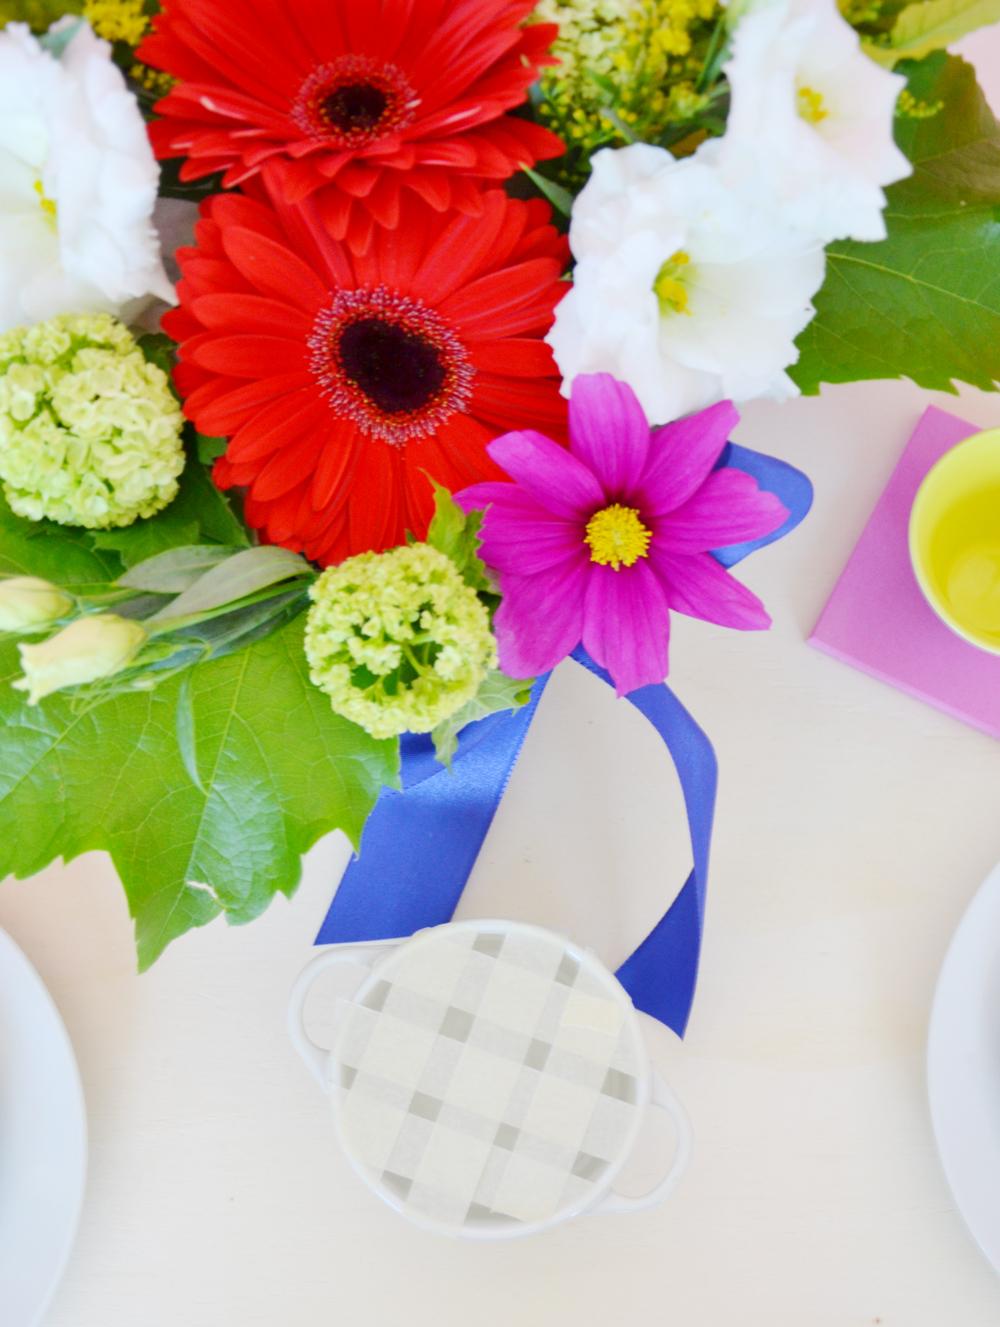 centrotavola-fiori-gucki-fai-da-te-14